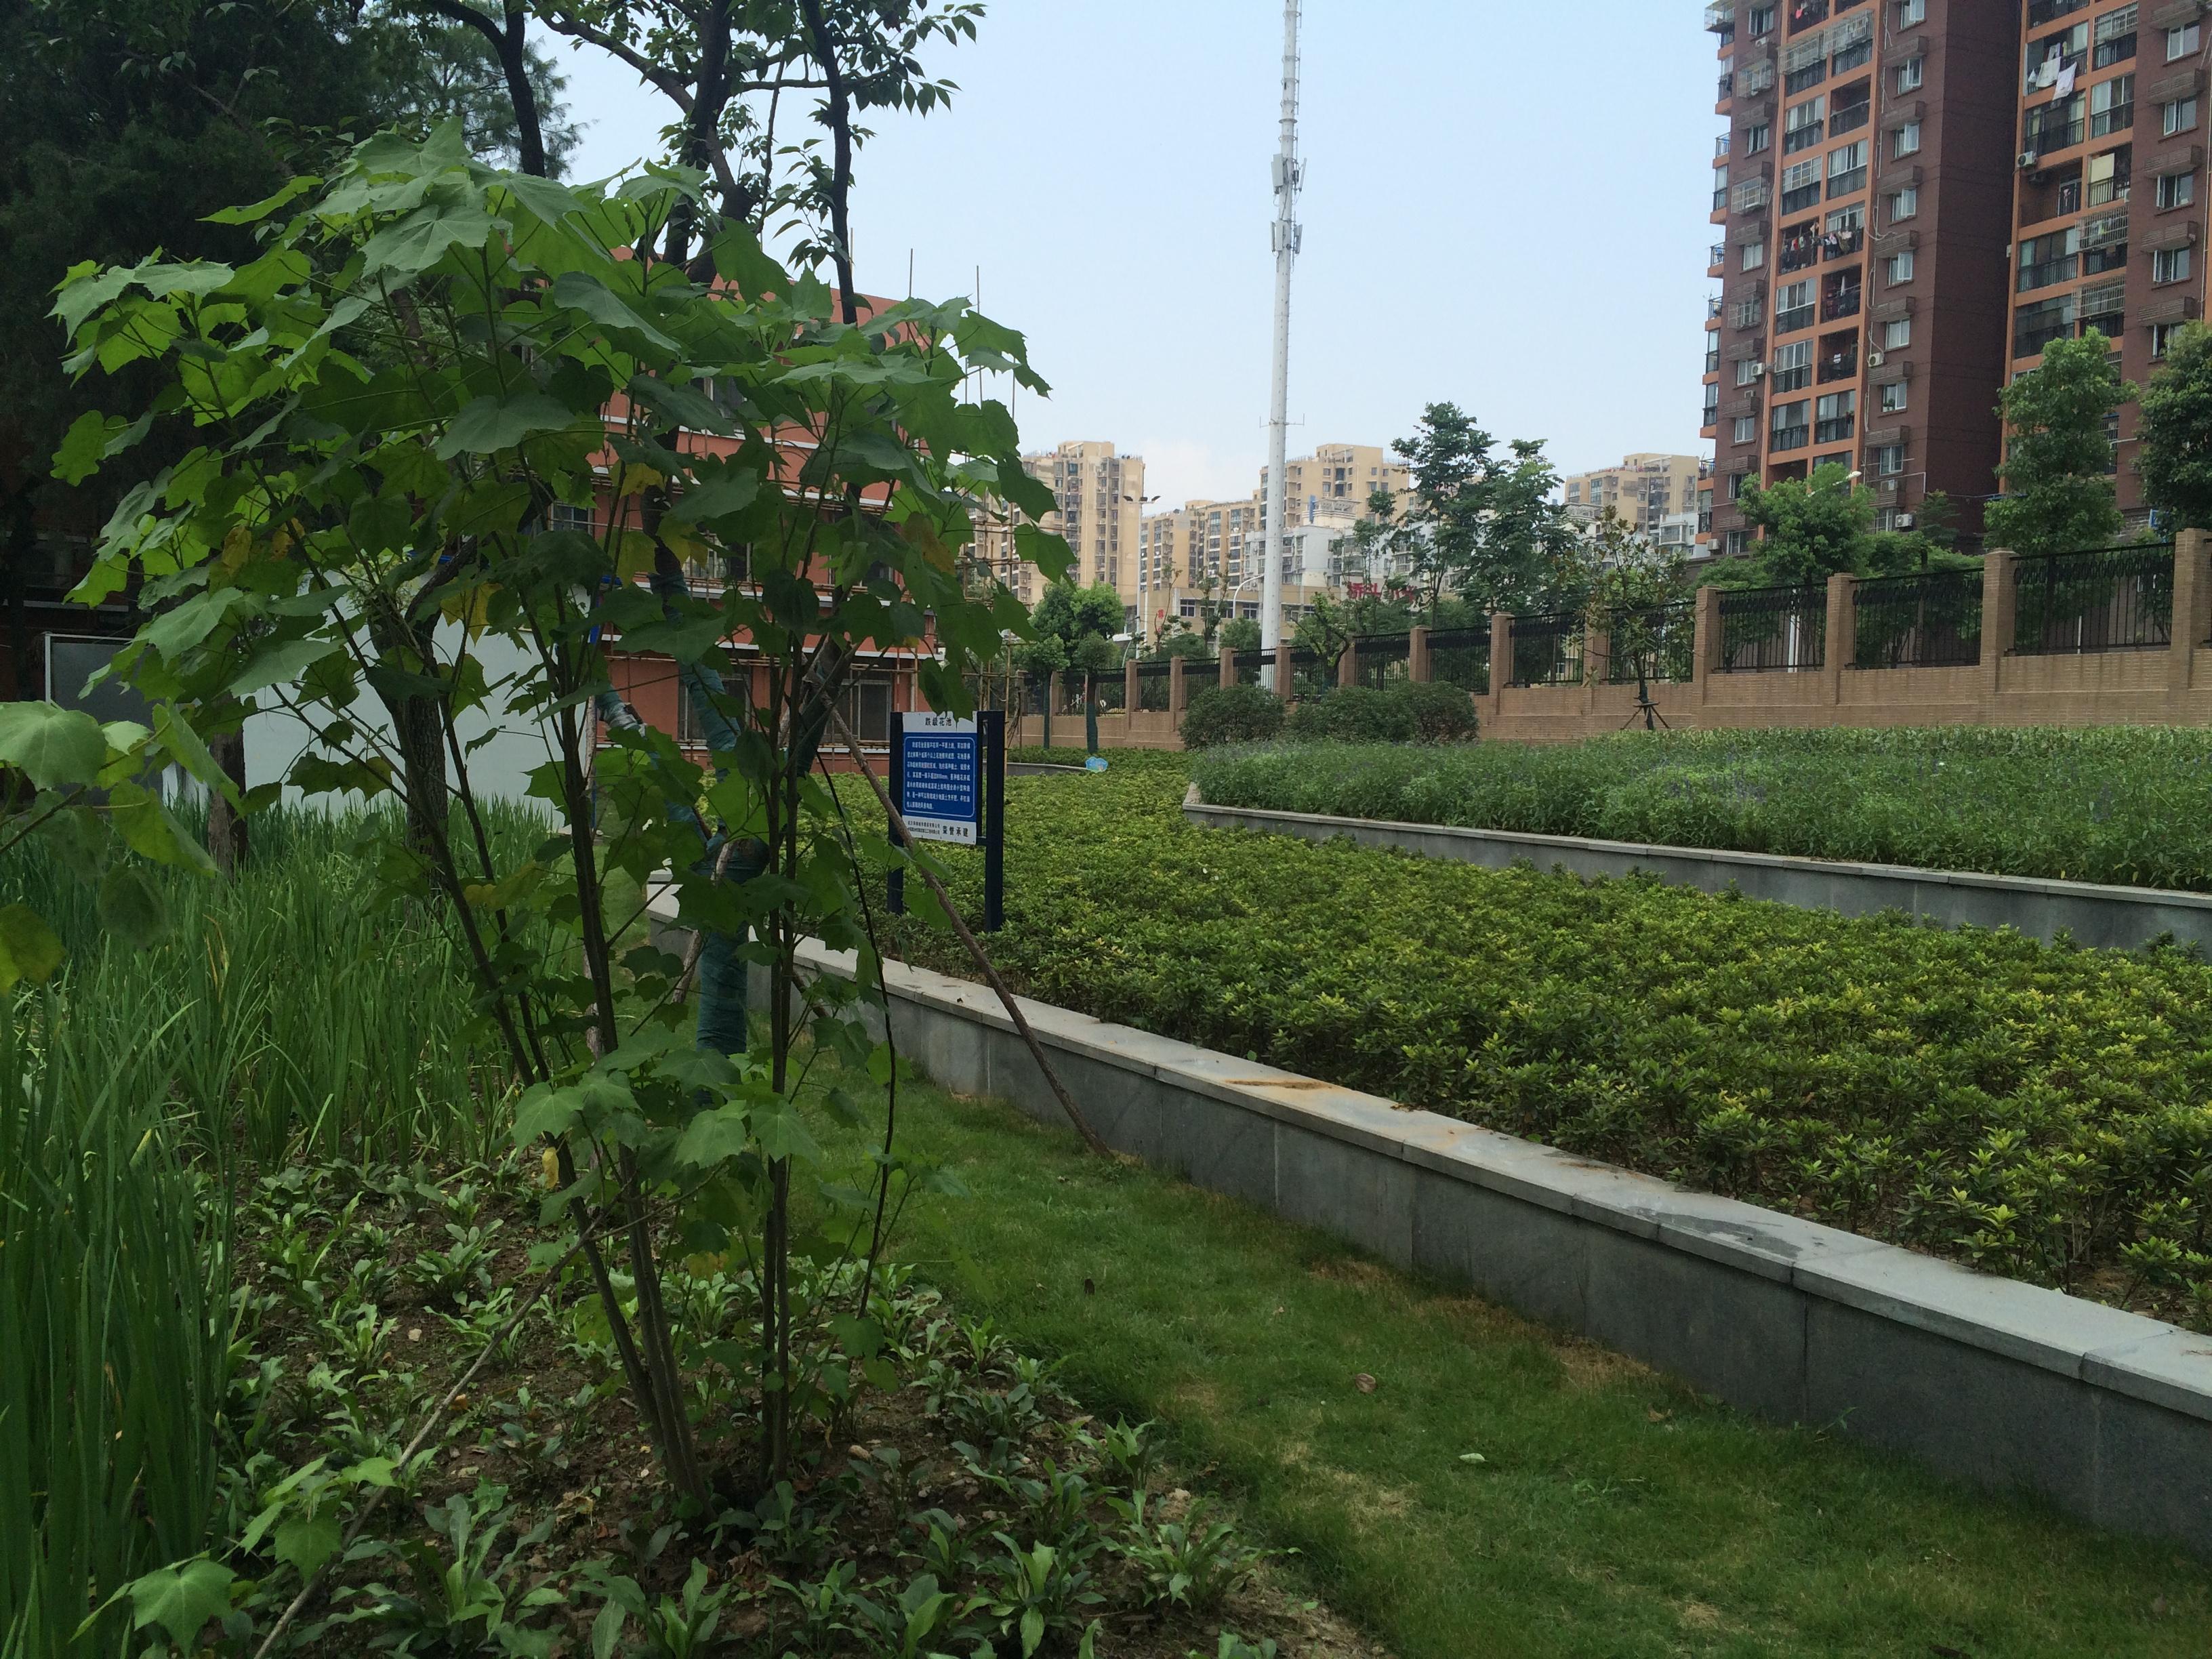 雨水花园-以绿为纲重塑城市 里子 武汉海绵城市建设驶入快车道图片